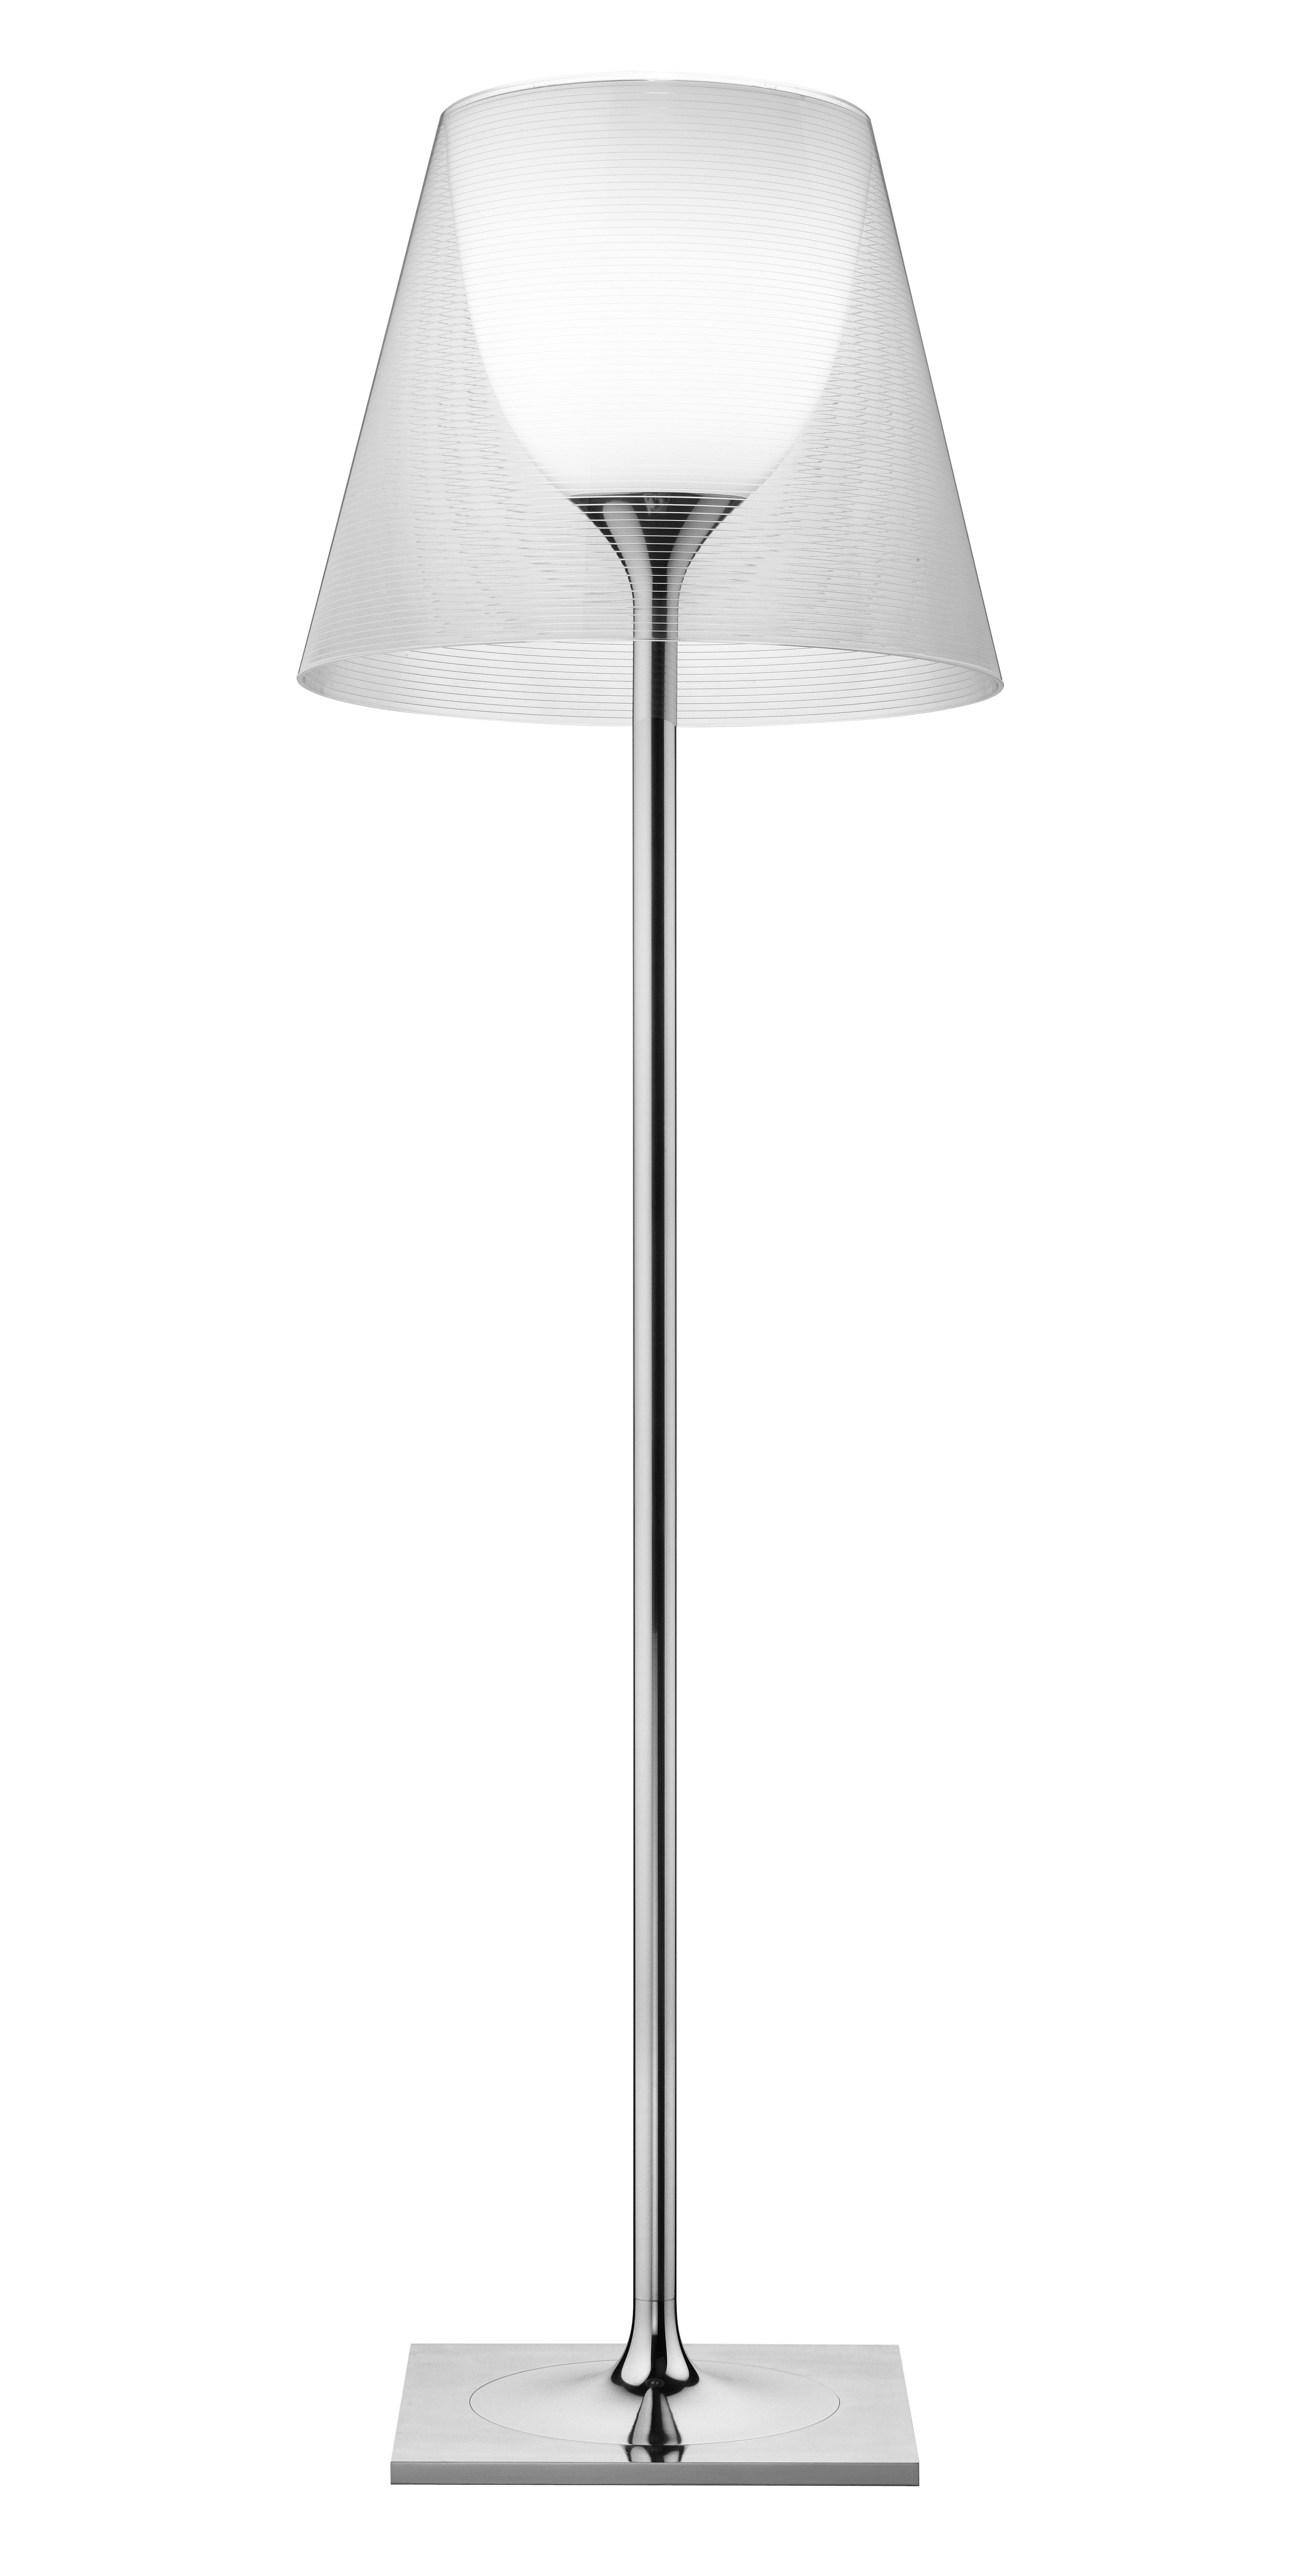 Luminaire - Lampadaires - Lampadaire K Tribe F3 H 183 cm - Flos - Transparent - Aluminium poli, PMMA